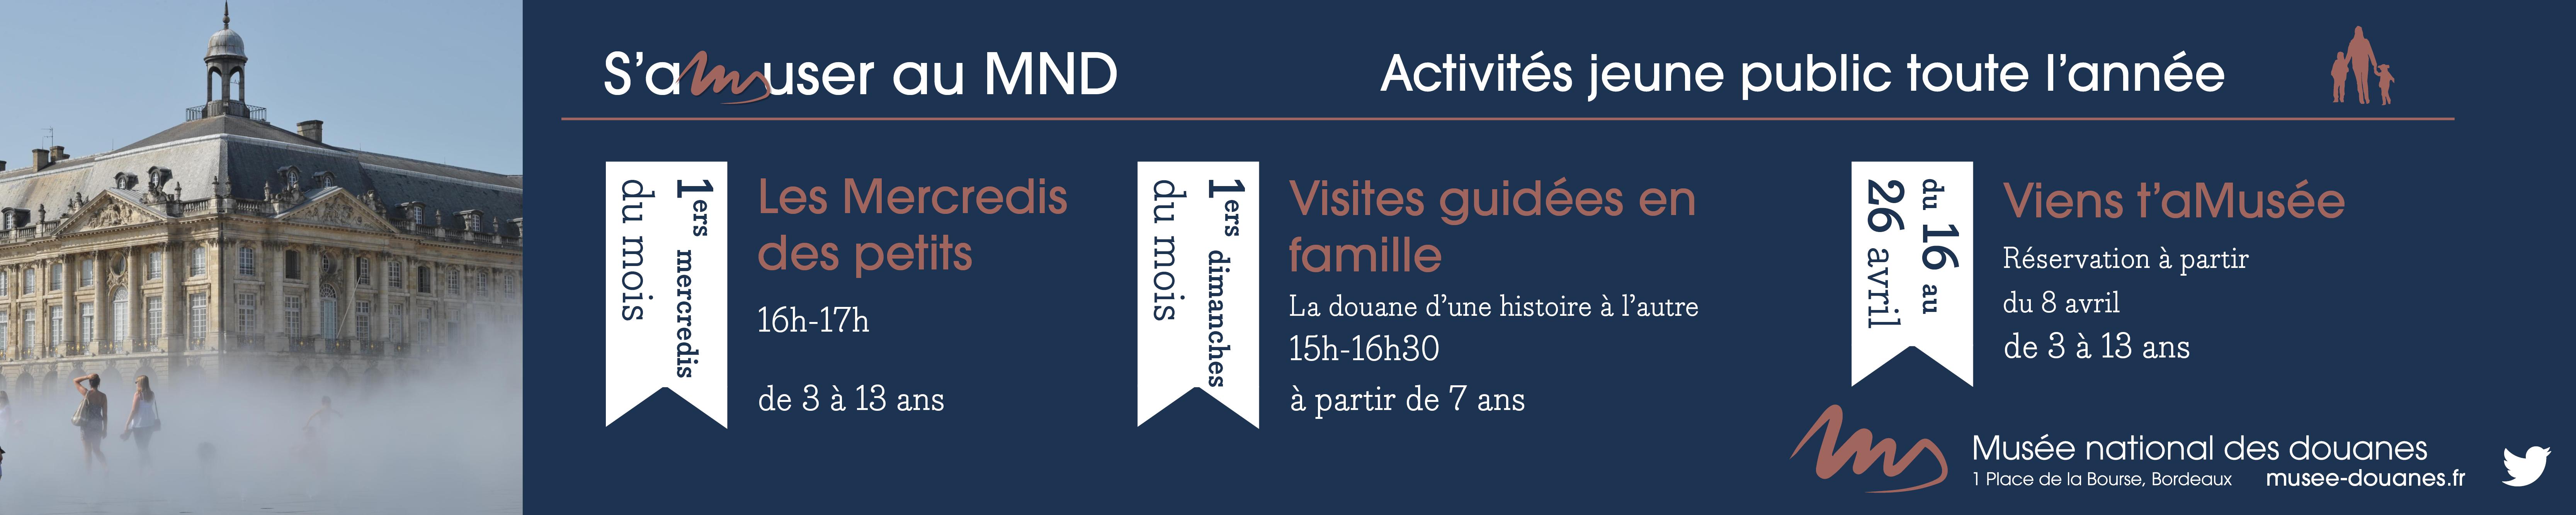 Bandeau_jeune_public_MND